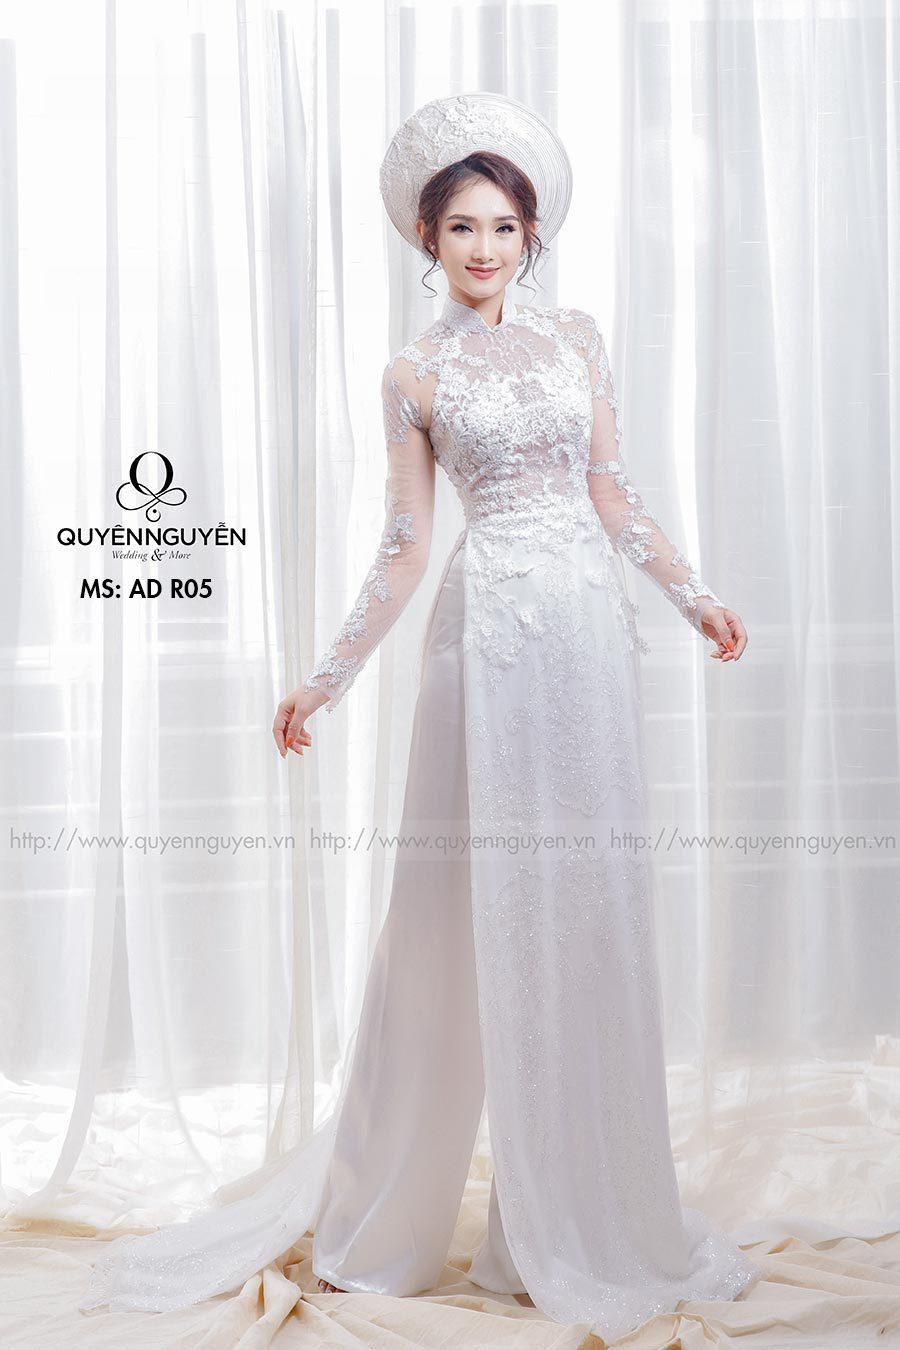 Top 10 mẫu áo dài cưới đẹp 2020 ưng ý cho cô dâu